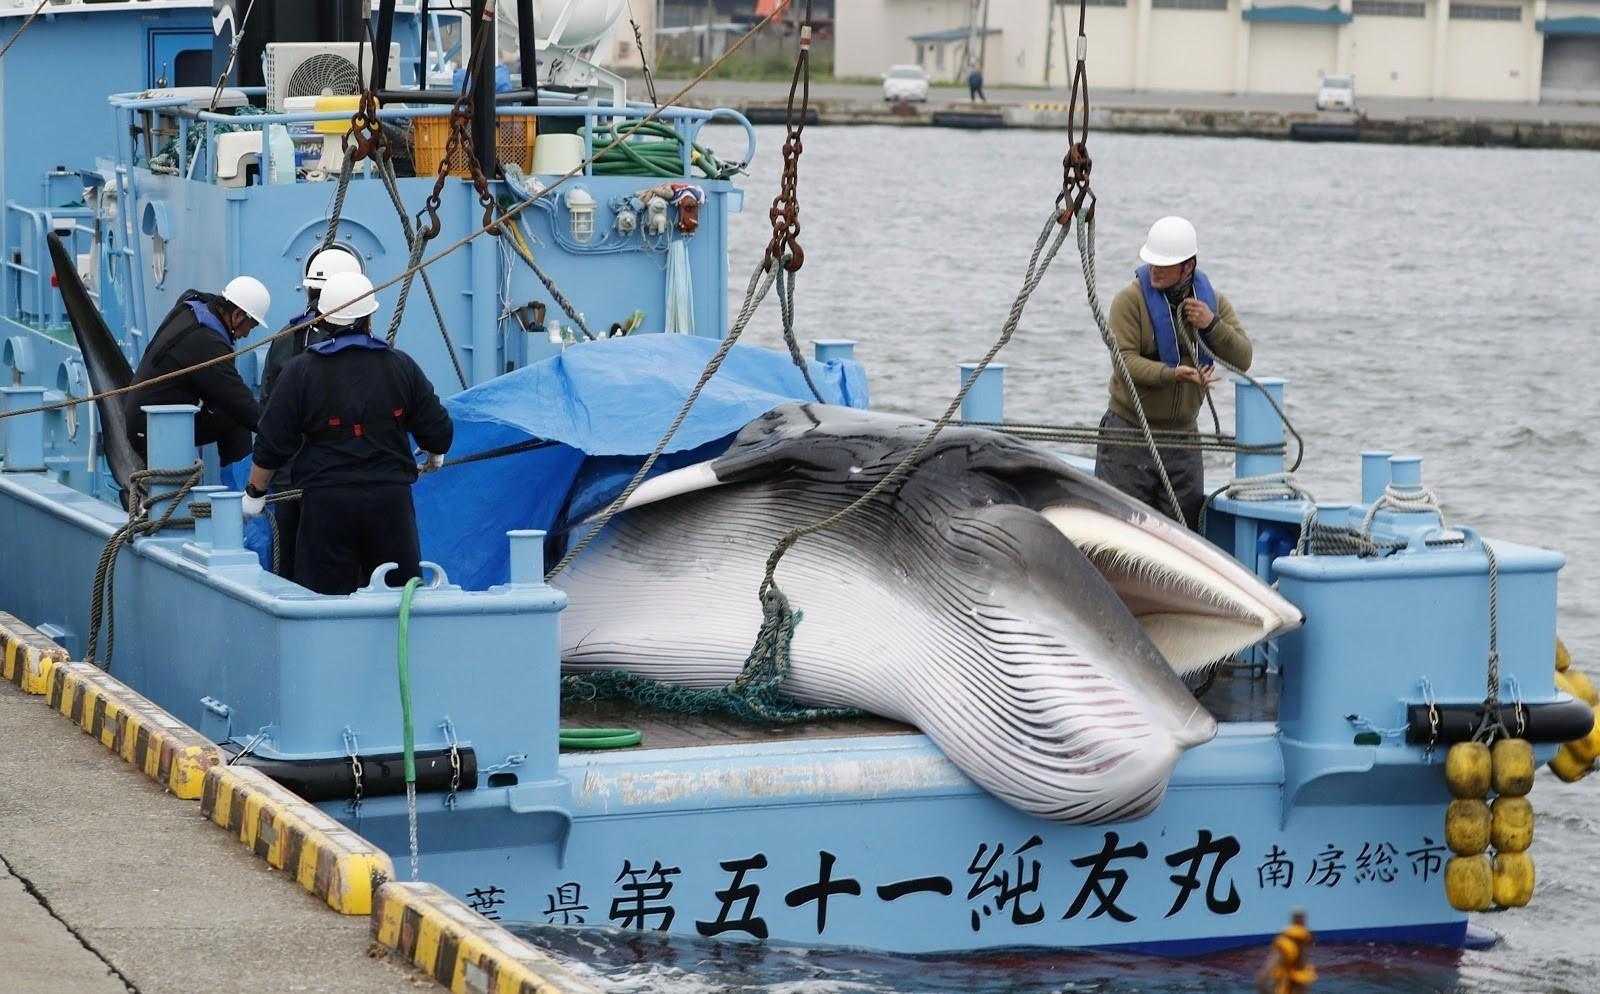 Workers prepare to unload a Minke whale in Hokkaido, Japan.